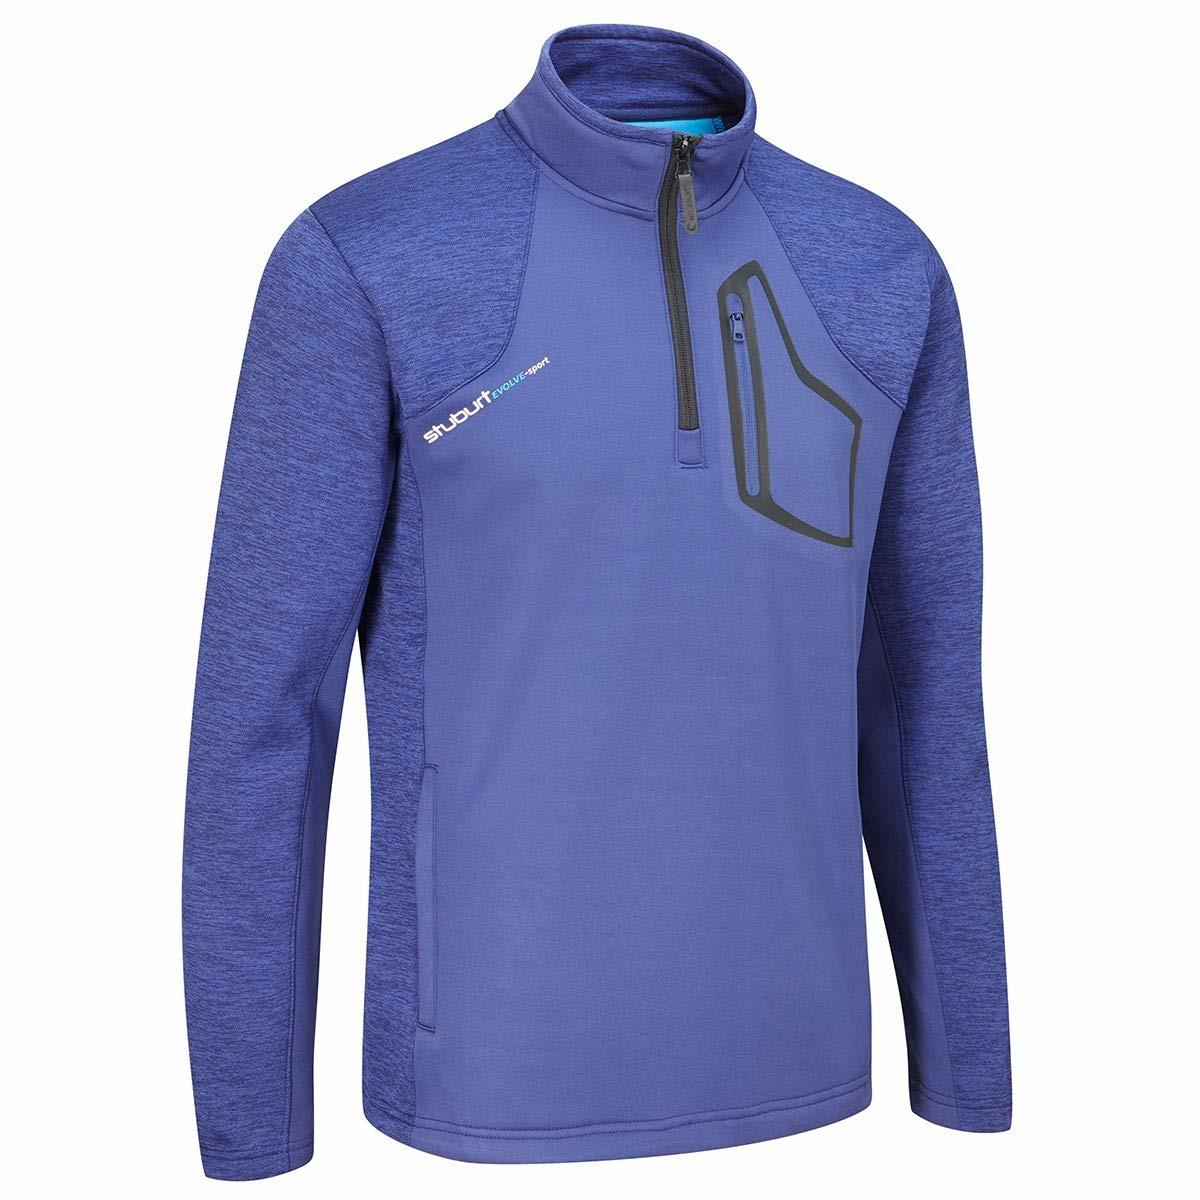 Stuburt Evolve Half Zip Fleece Trui - Midnight Blauw